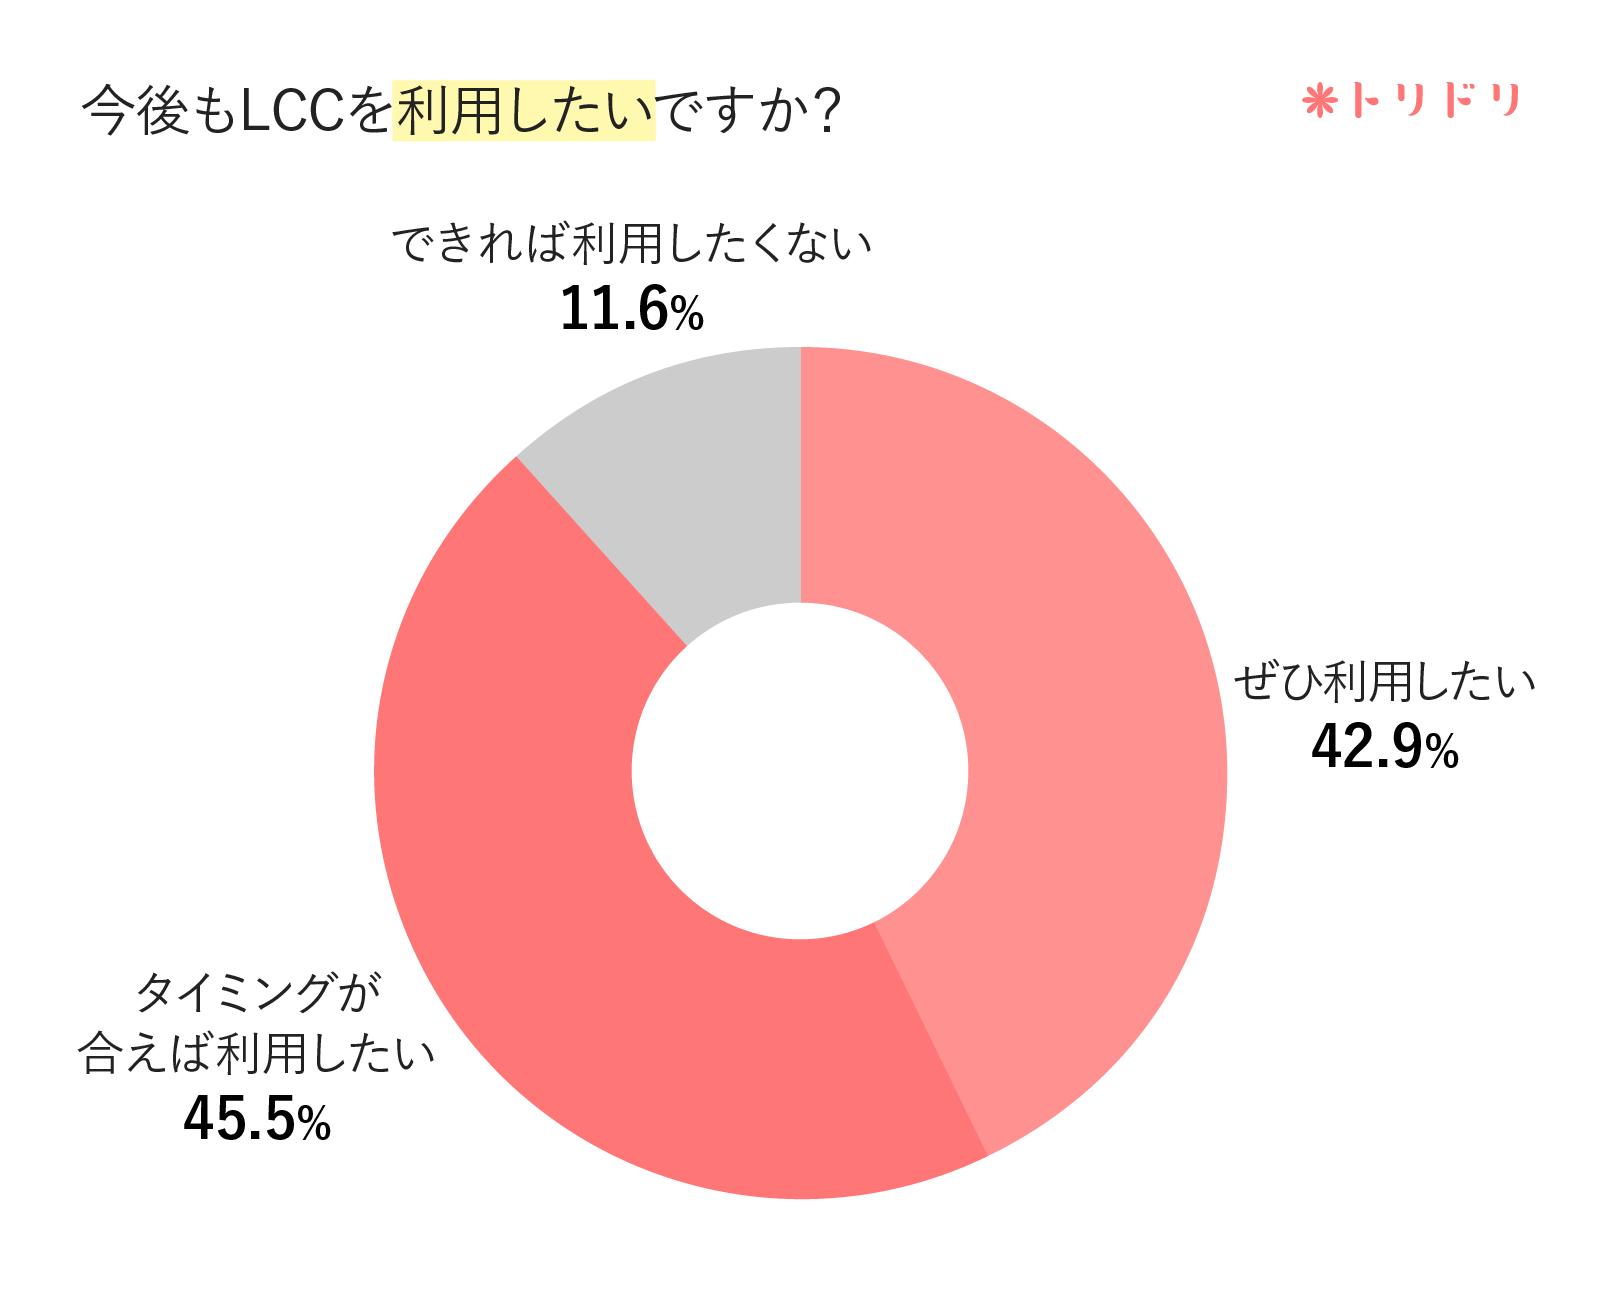 アンケートのグラフ:今後もLCCを利用したいですか?